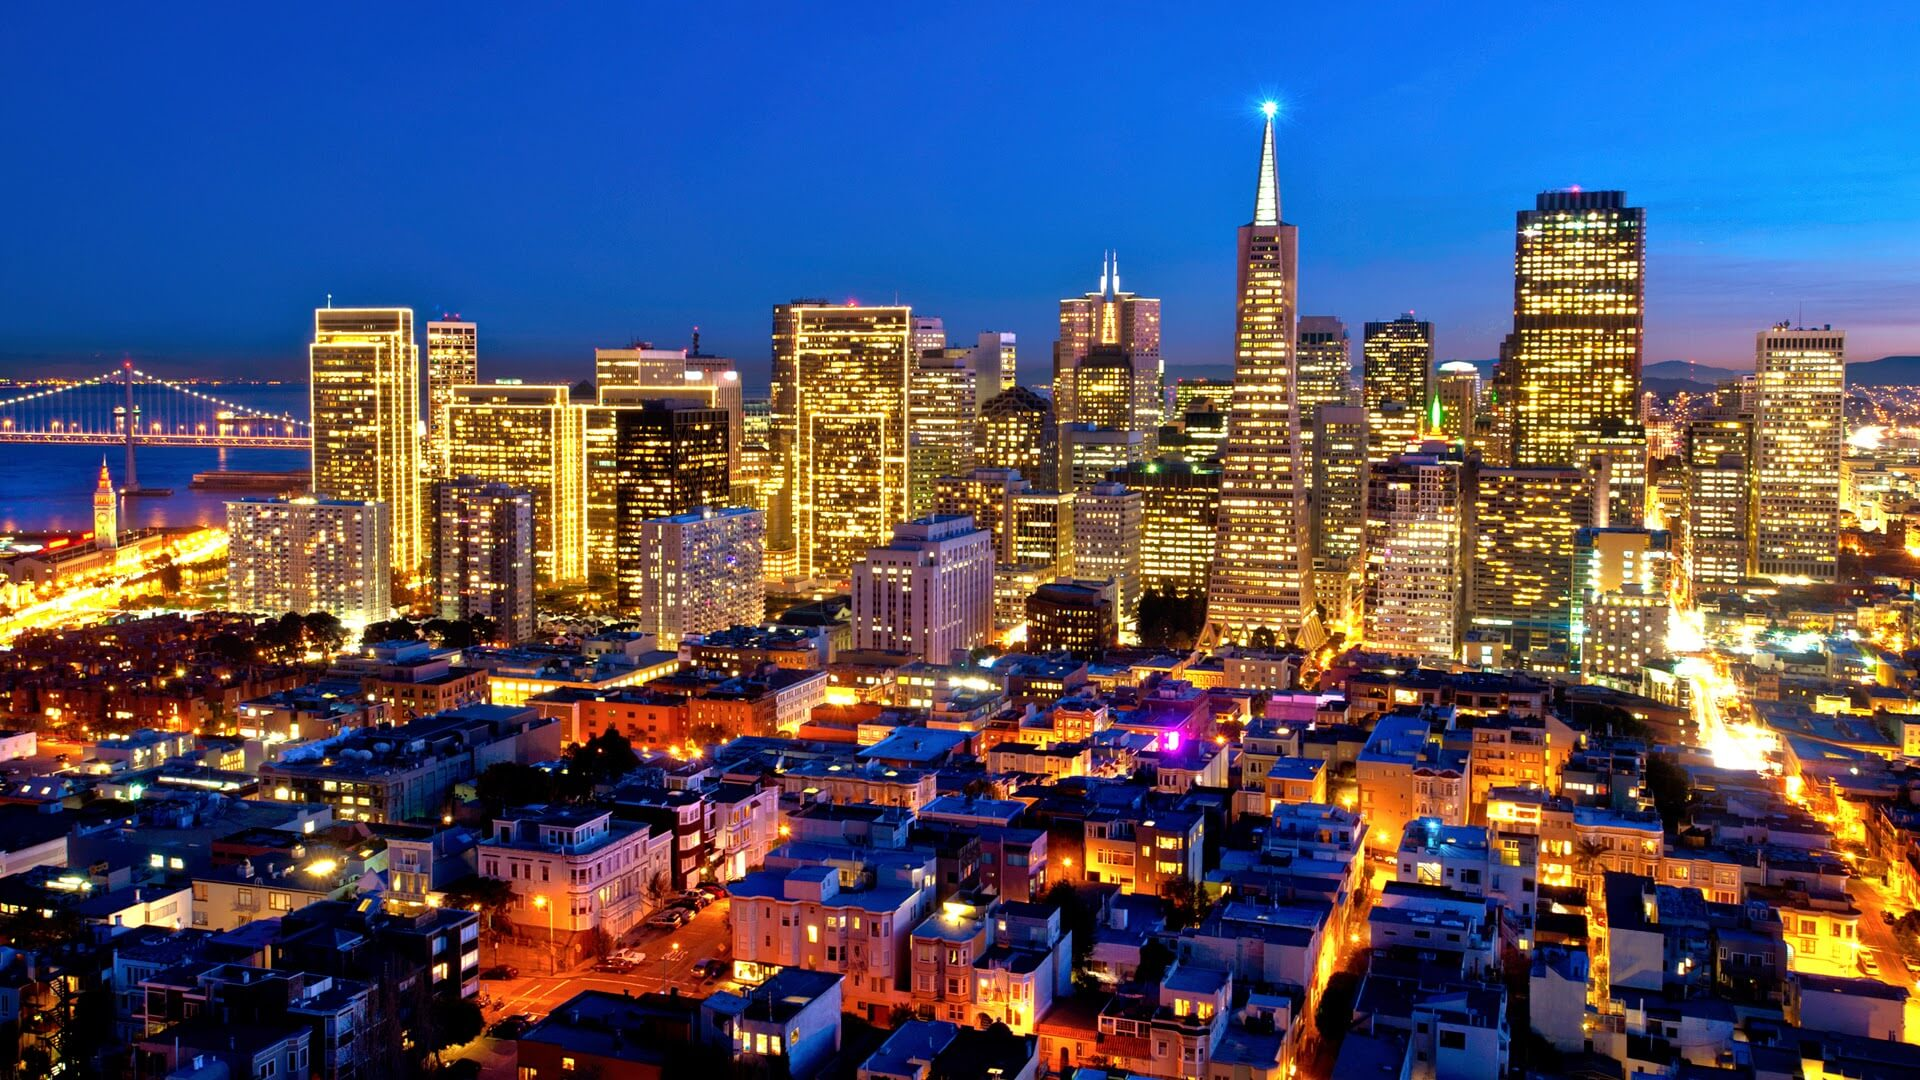 Φθηνές πτήσεις από Σαν Φρανσίσκο